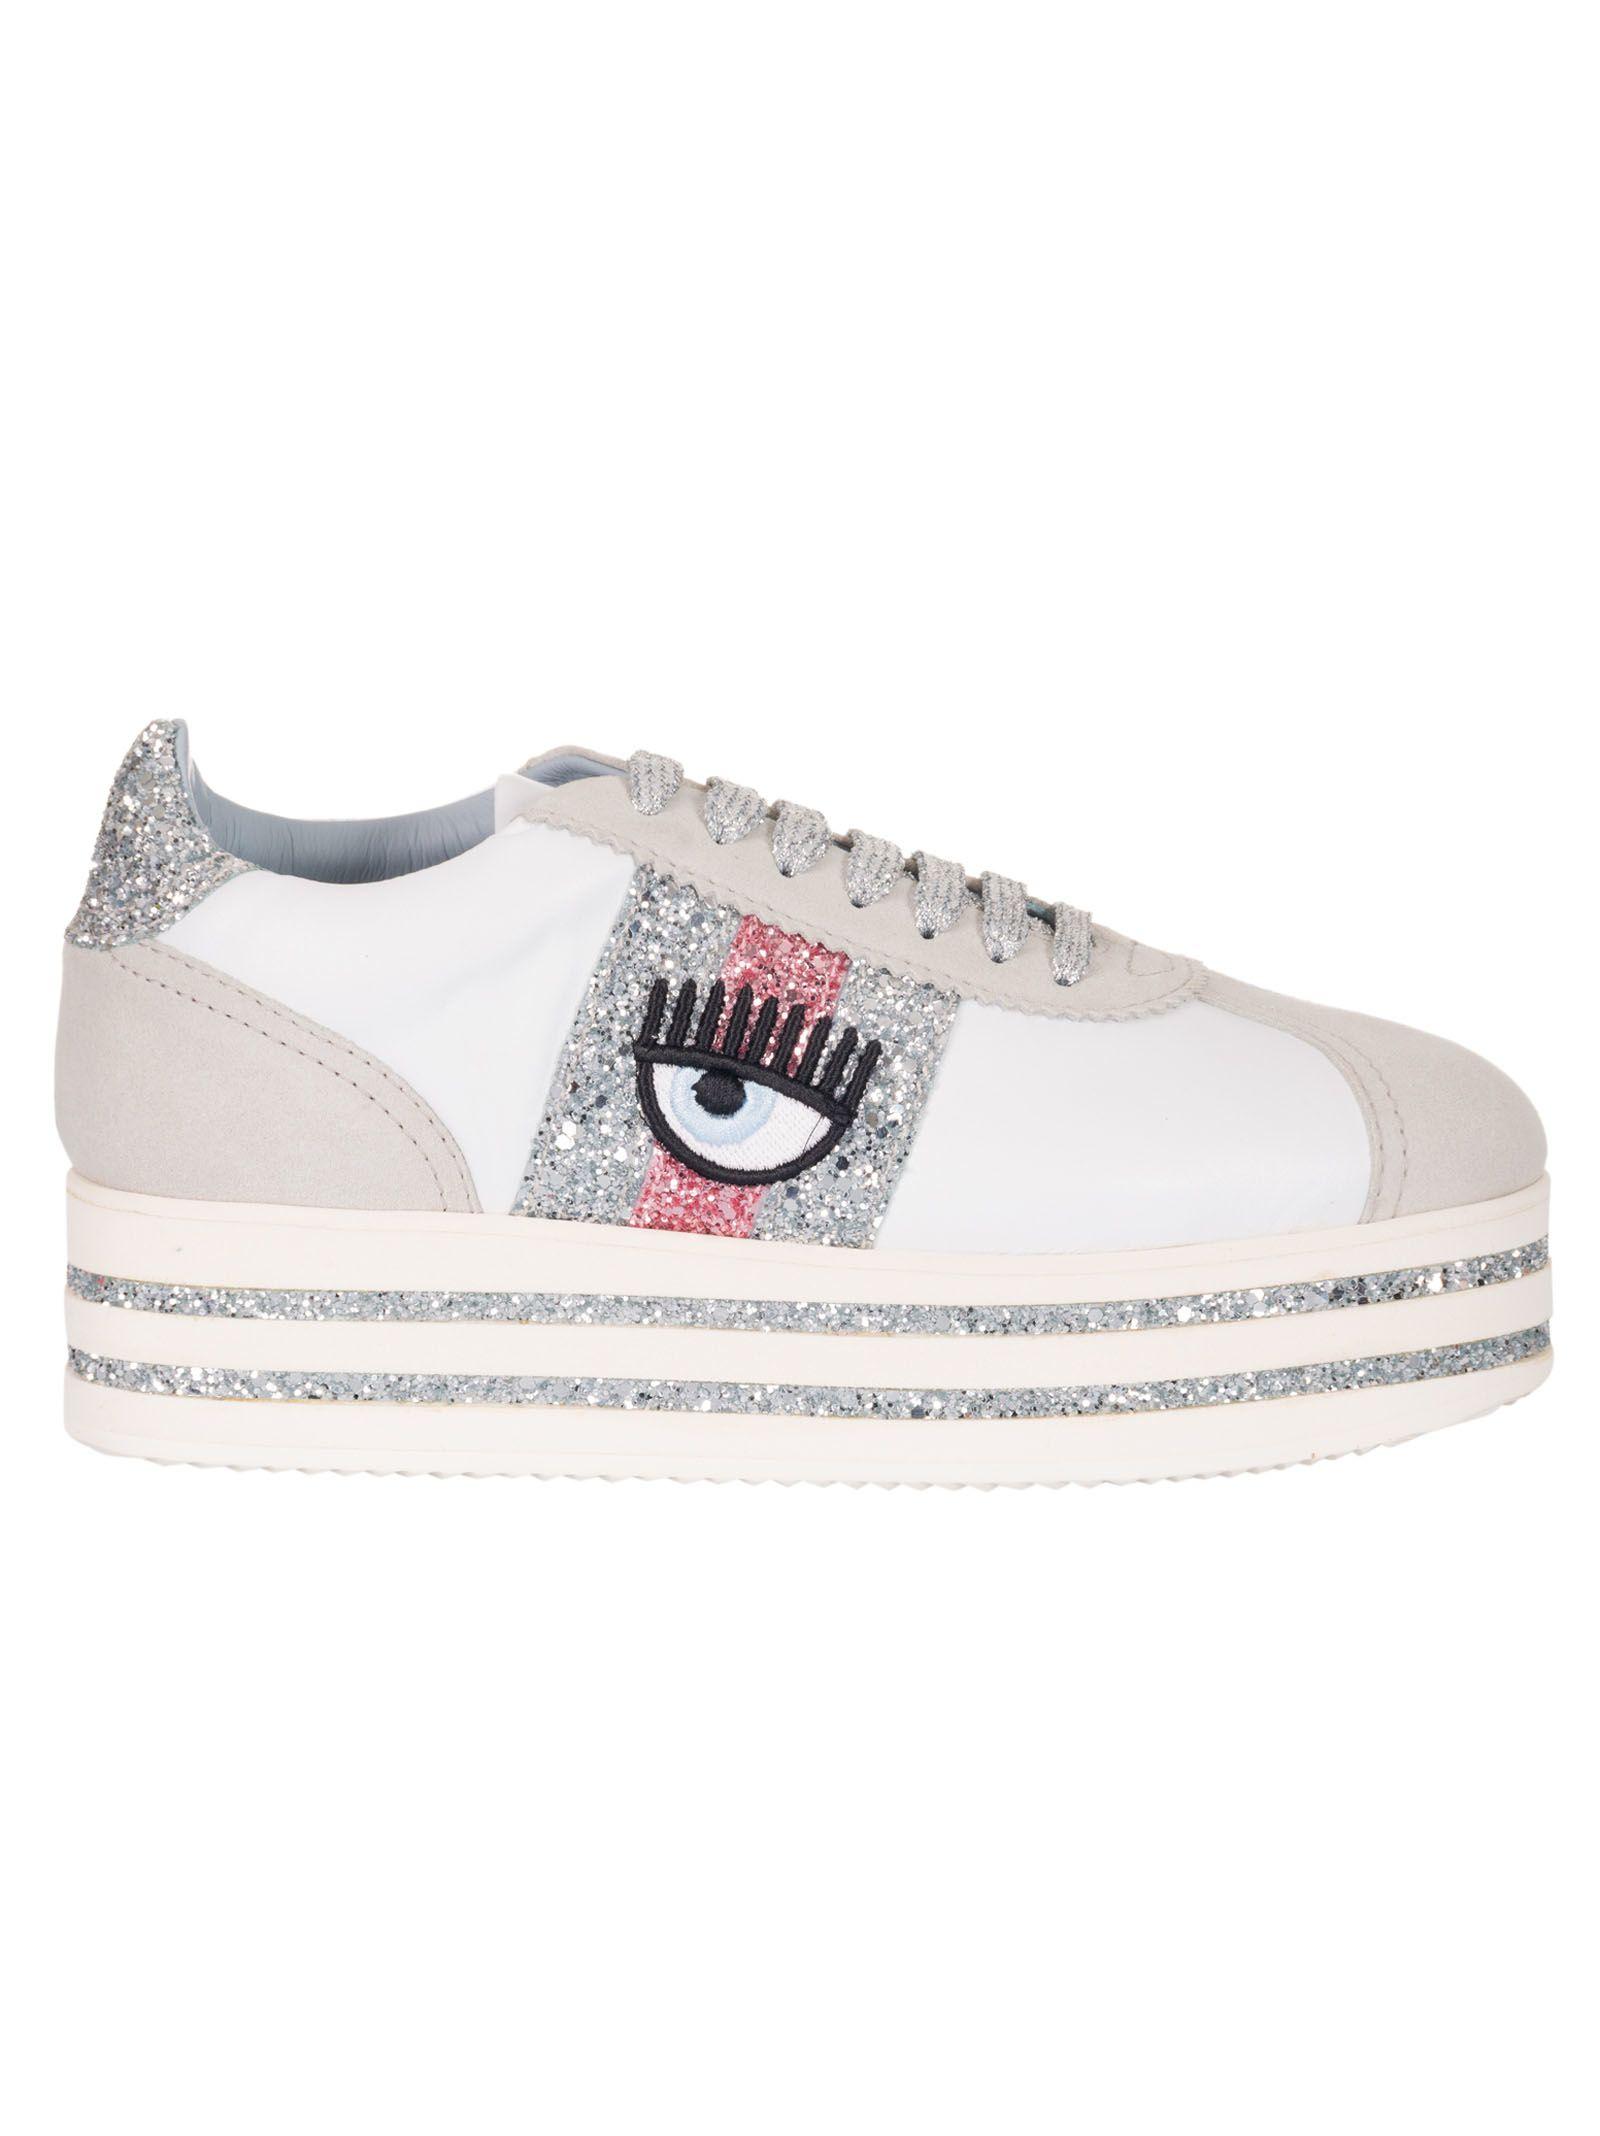 f9c8f7e59c9 Chiara Ferragni Flirting Platform Sneakers In White Fuxia